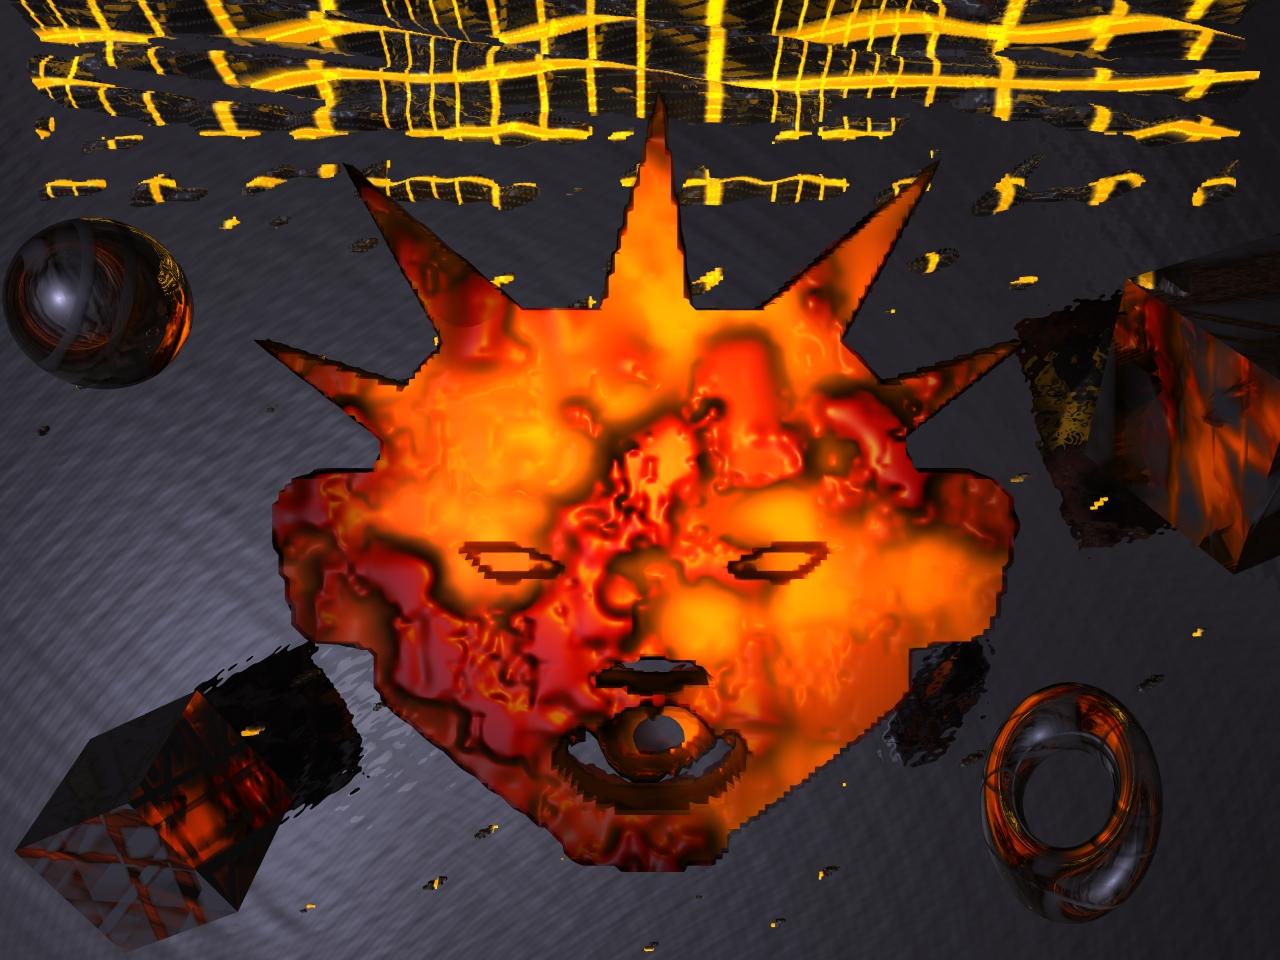 8-bit Rage by djbeyonder